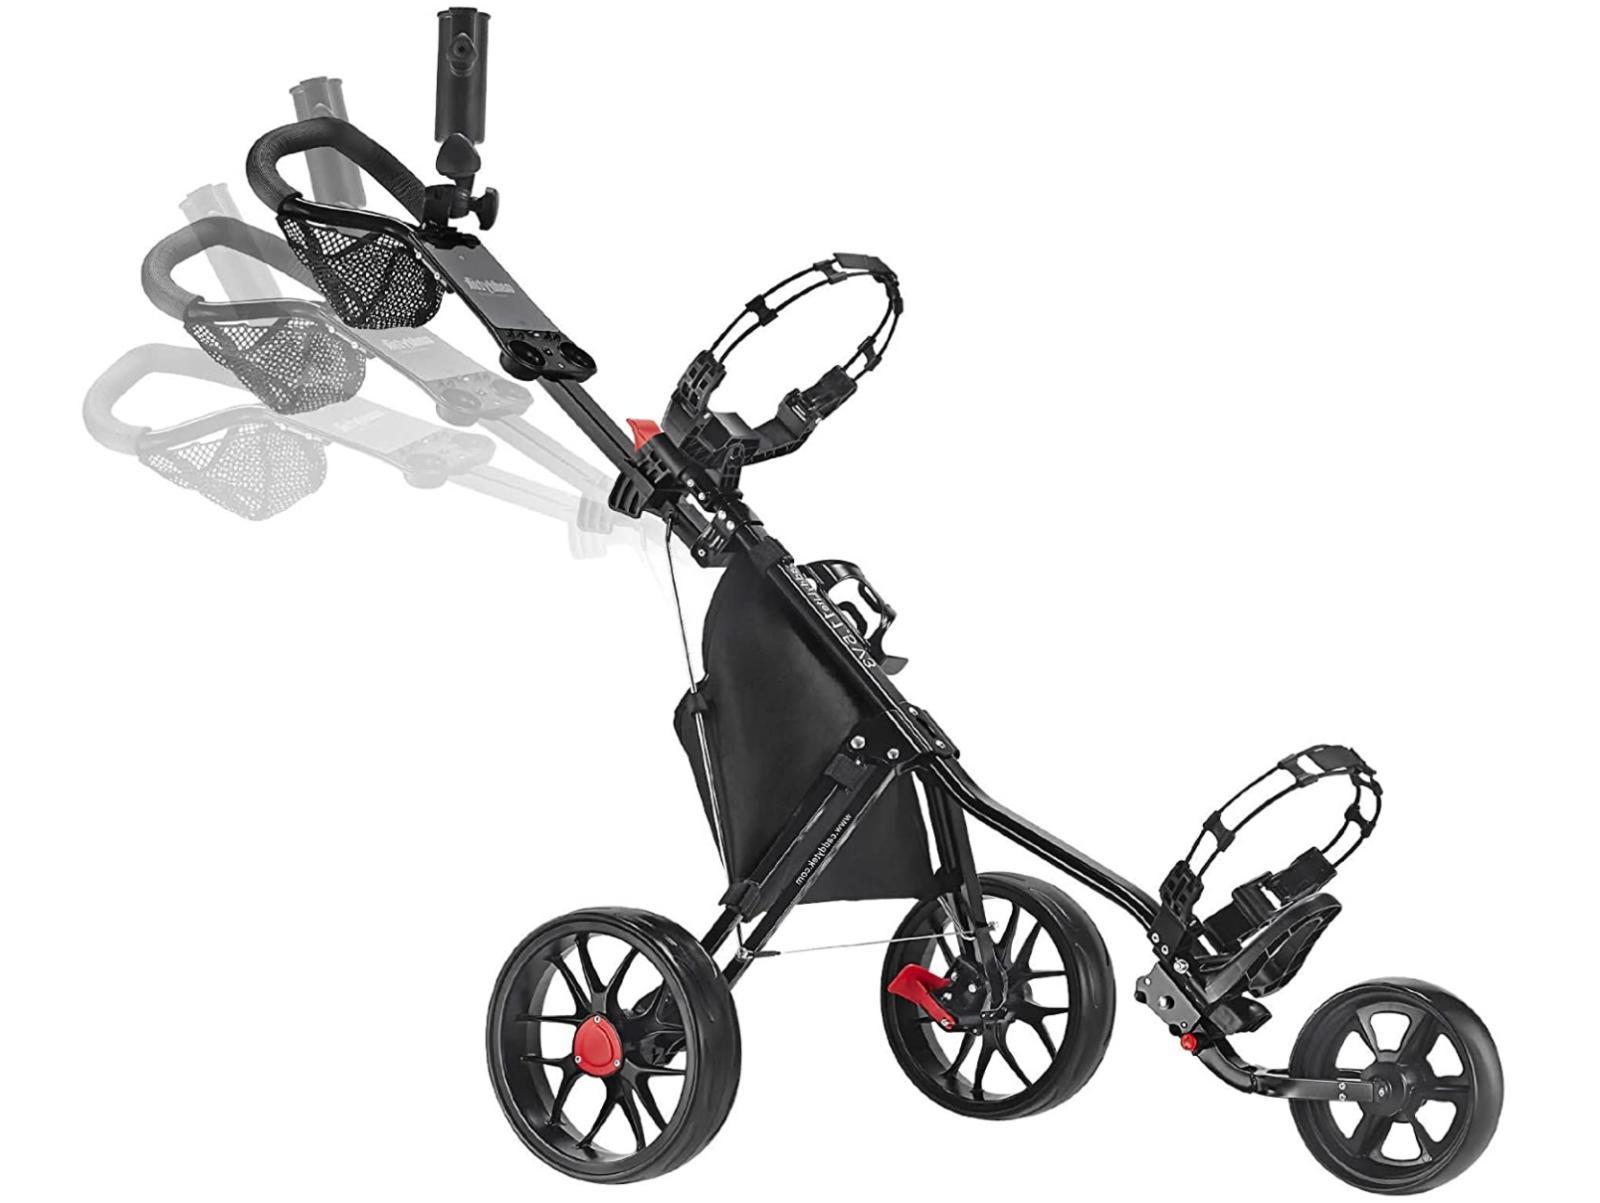 New 3 Wheel Golf Cart Version 3, 11.5 V3 in